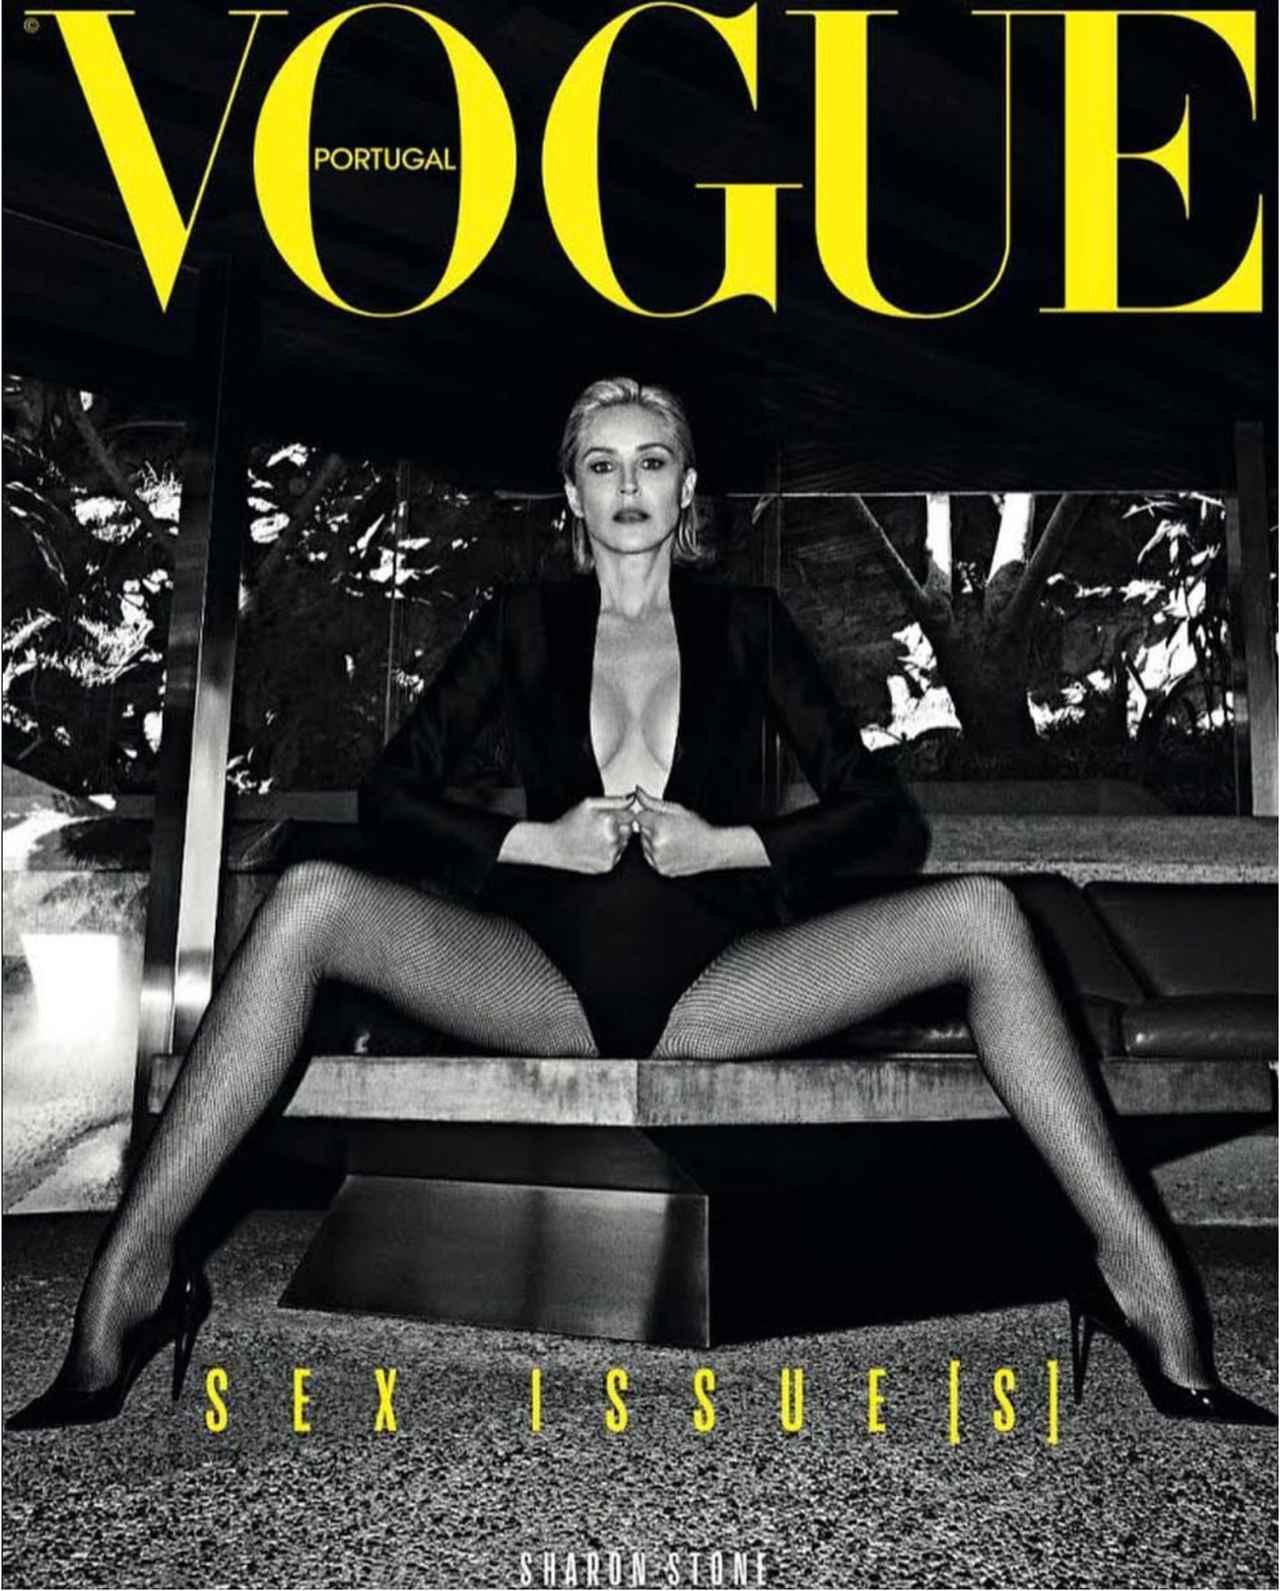 画像1: Instagram/Vogue Portugal